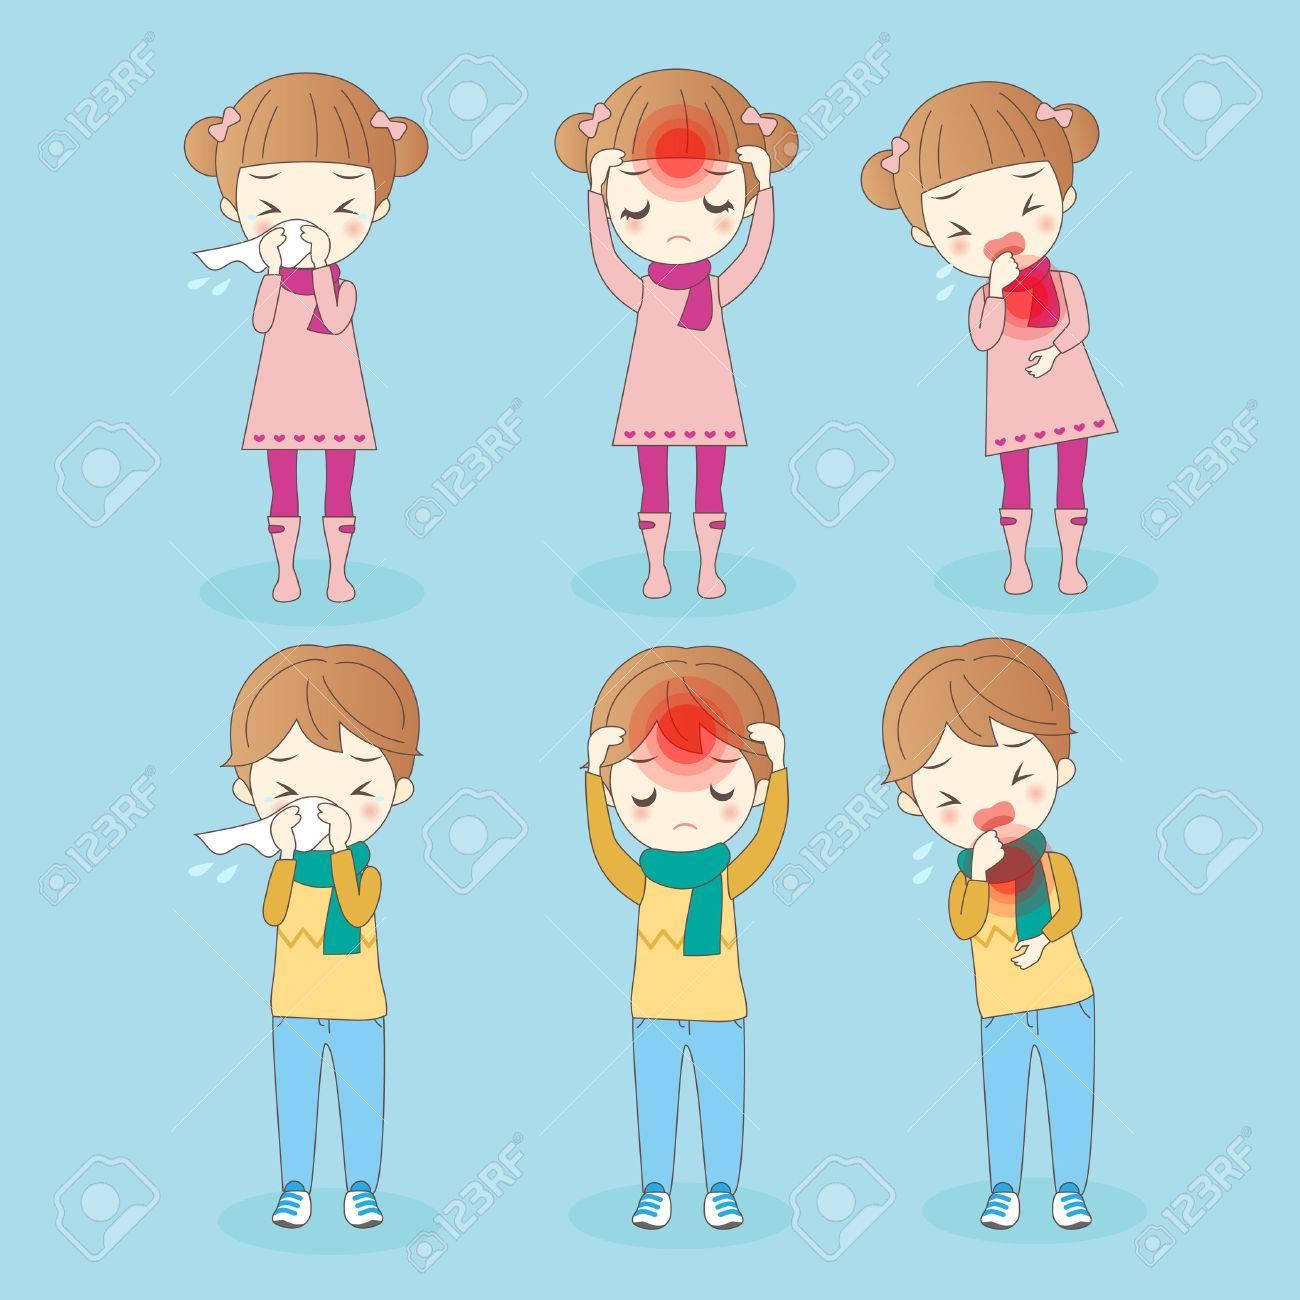 Niños De Dibujos Animados Tiene Un Problema De Salud Ideal Para Su Salud